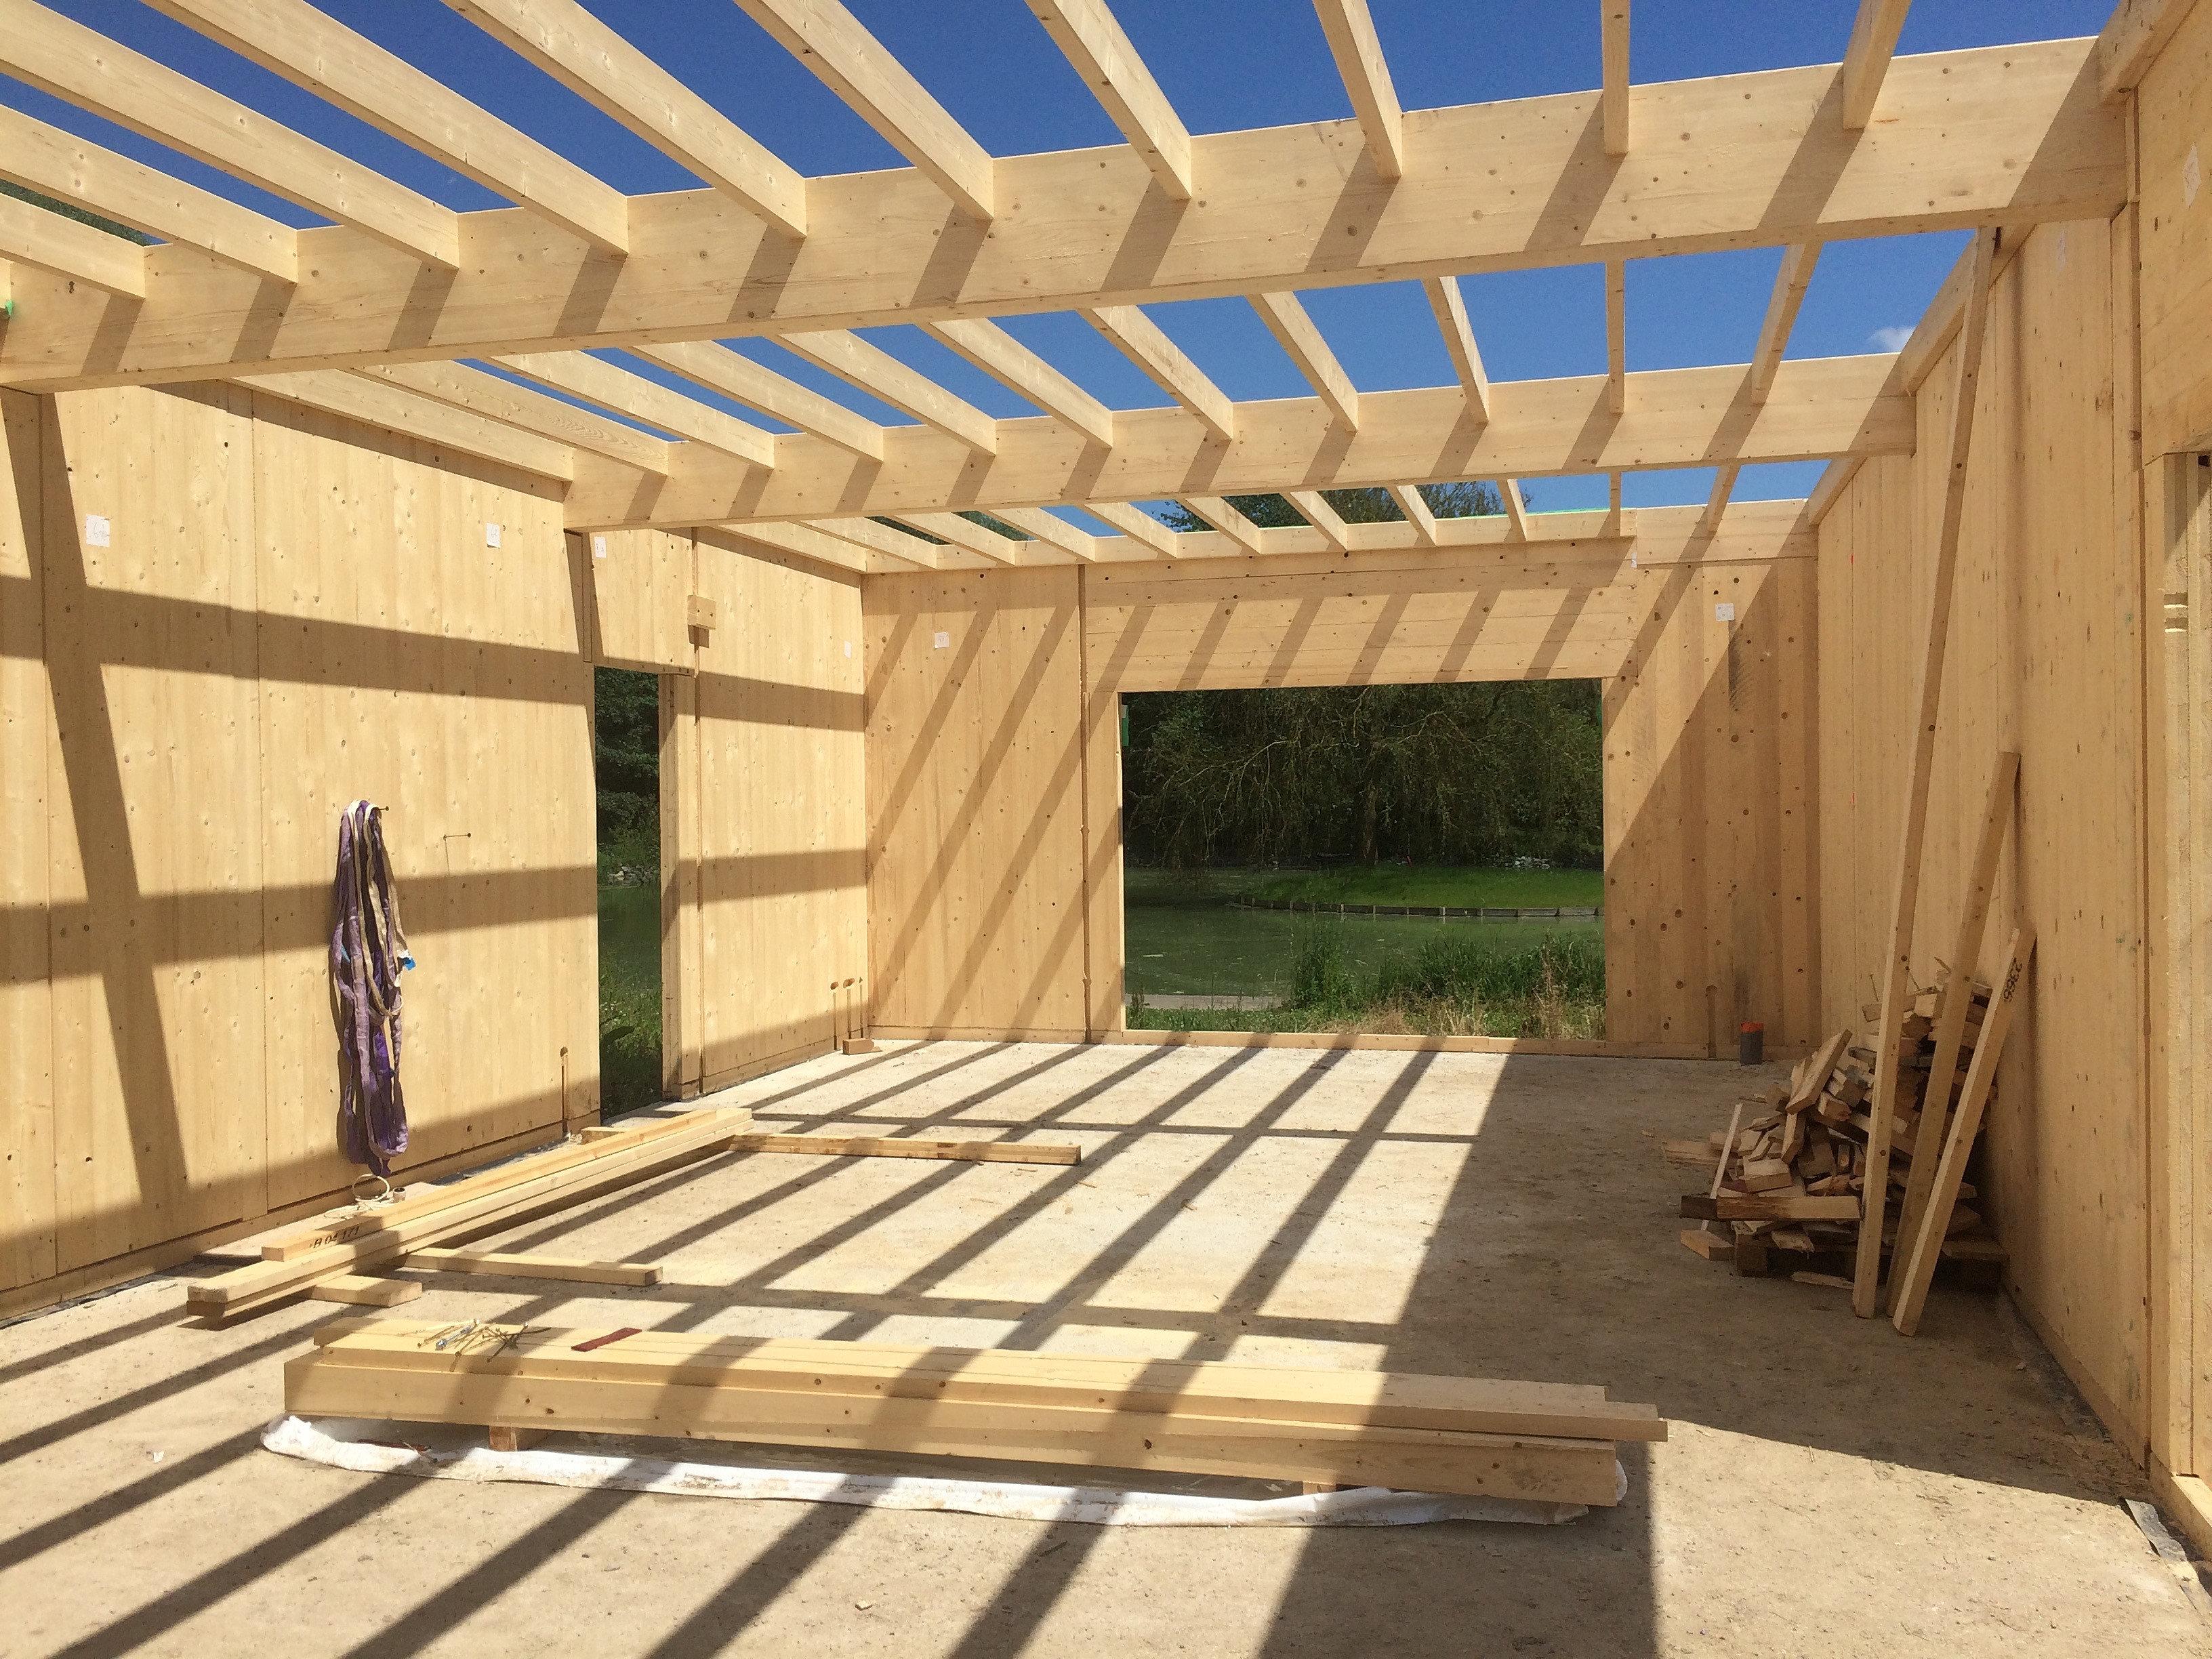 Boissimmo constructeur en ossature bois projet 26 for Constructeur de maison en bois massif